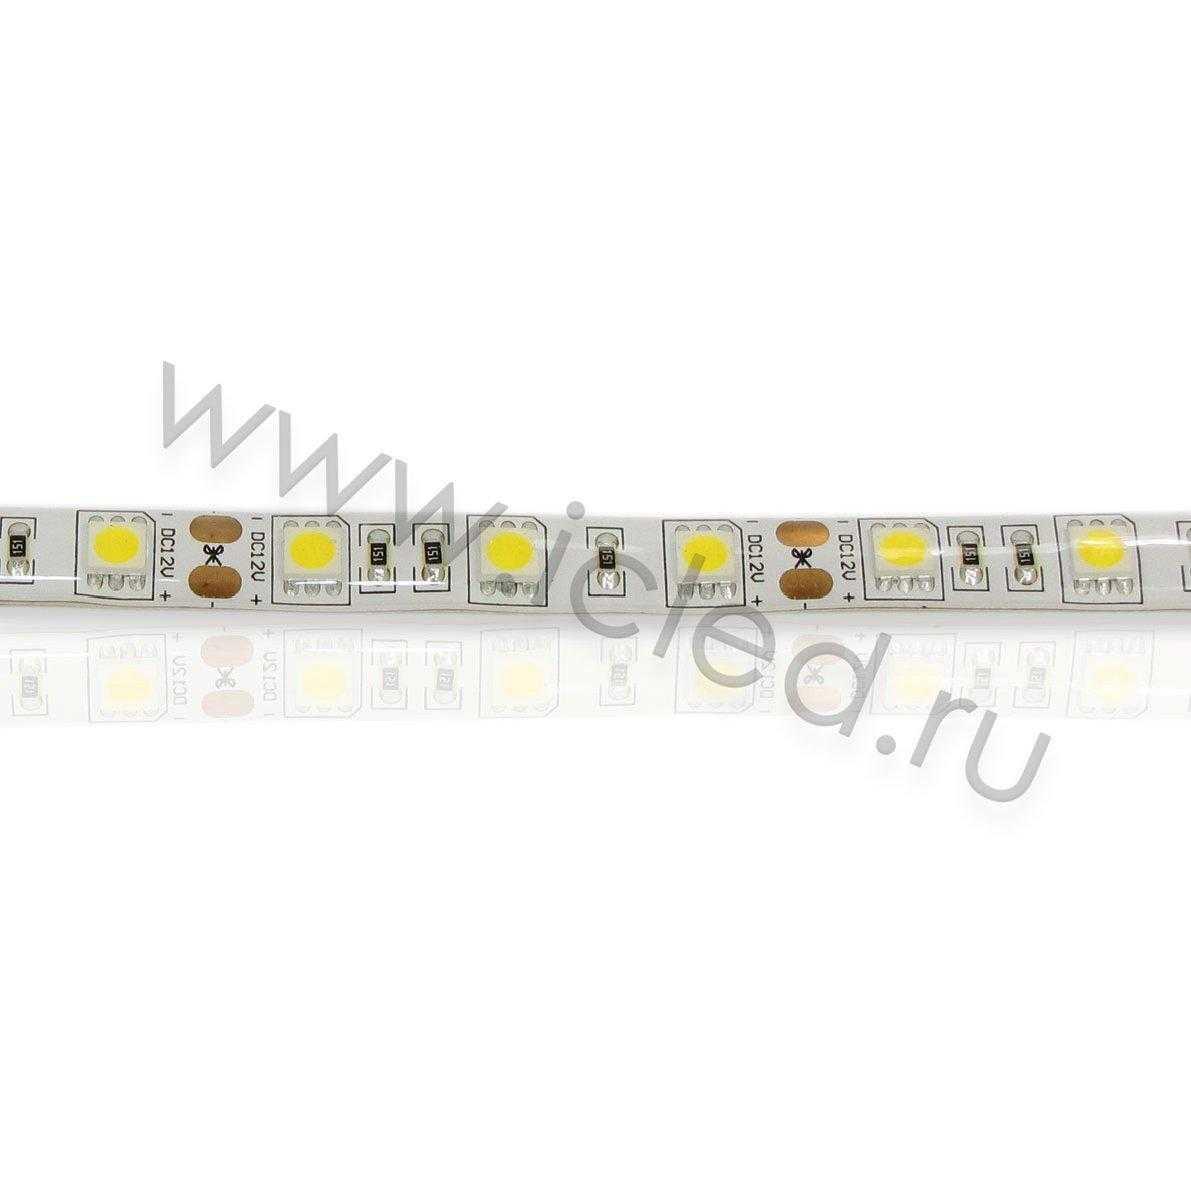 Светодиодная лента Class High, 5050, 60 led/m, Warm White,12V, IP65